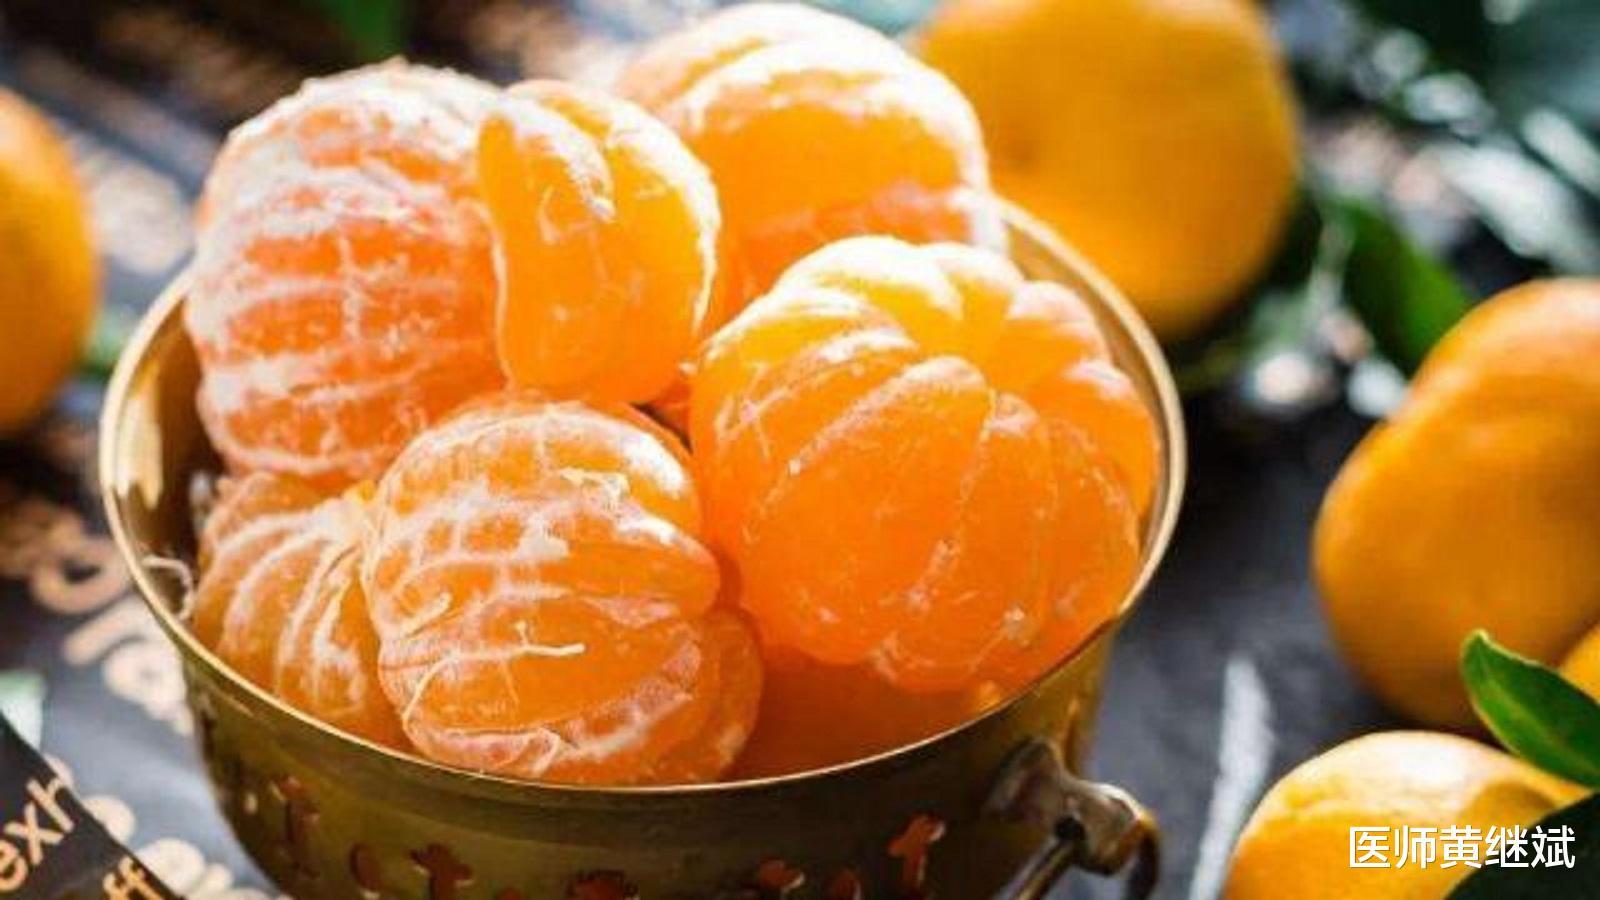 不仅健脾开胃,还能调理经期,为什么中医认为柑橘浑身都是宝?